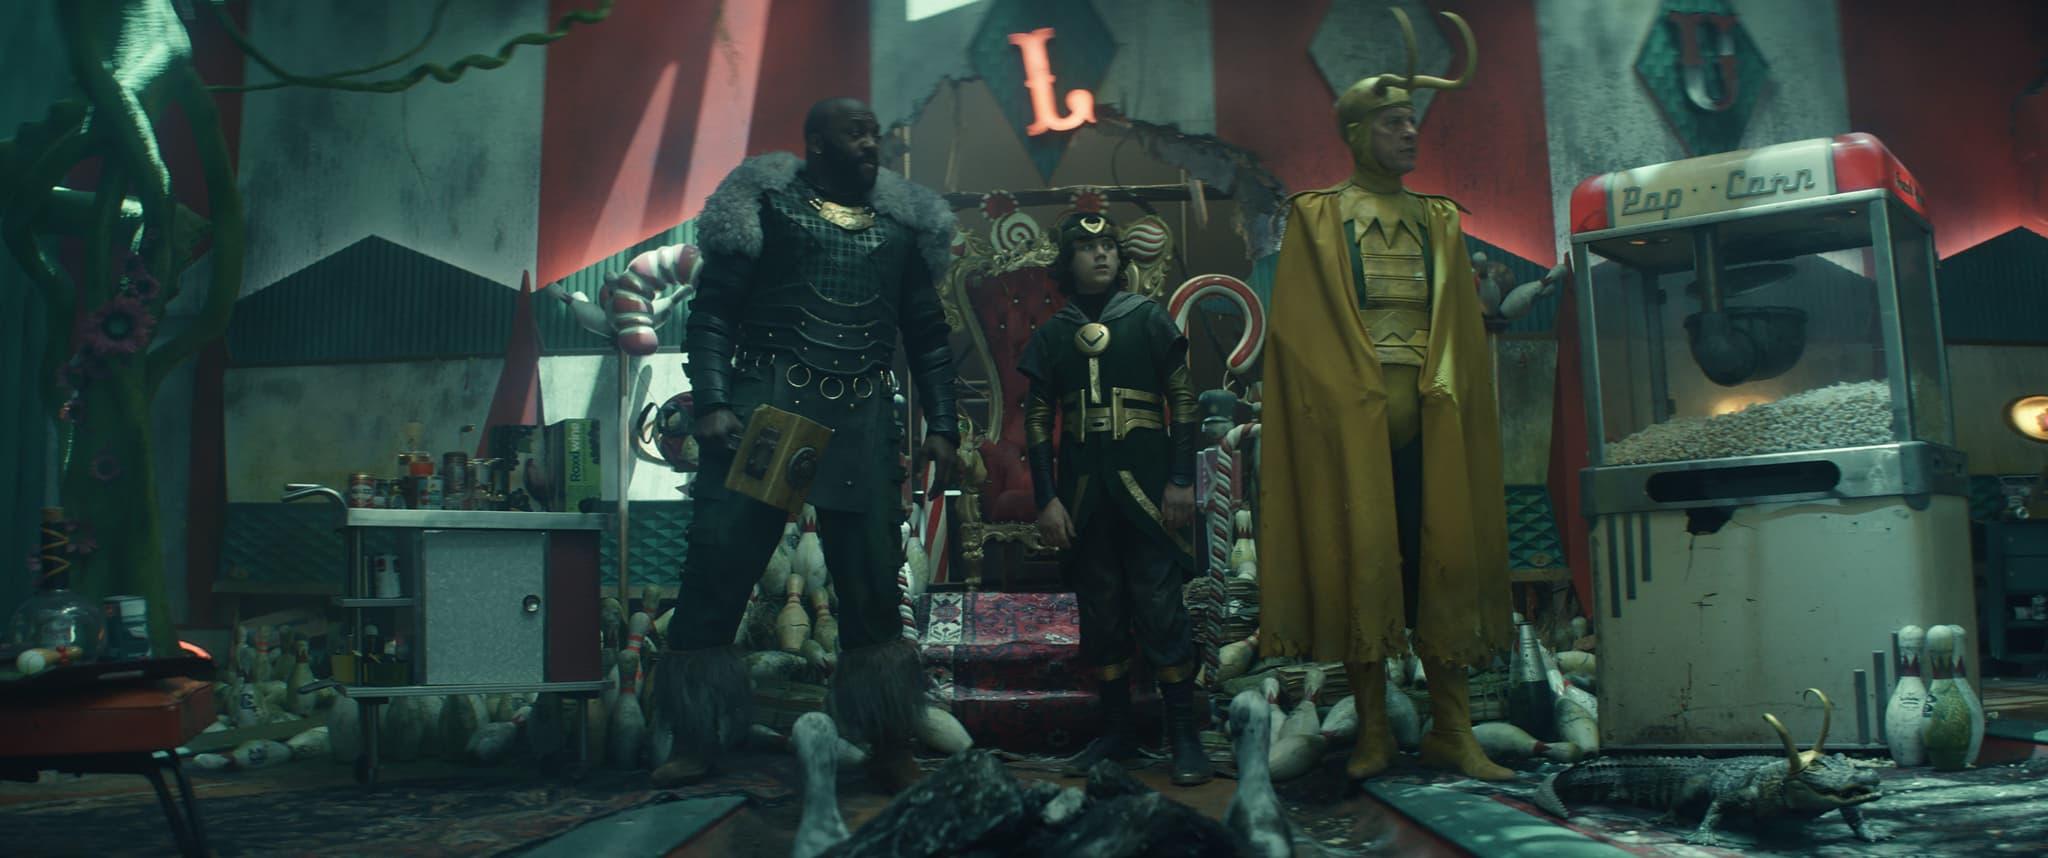 Boastful Loki, Kid Loki, Classic Loki